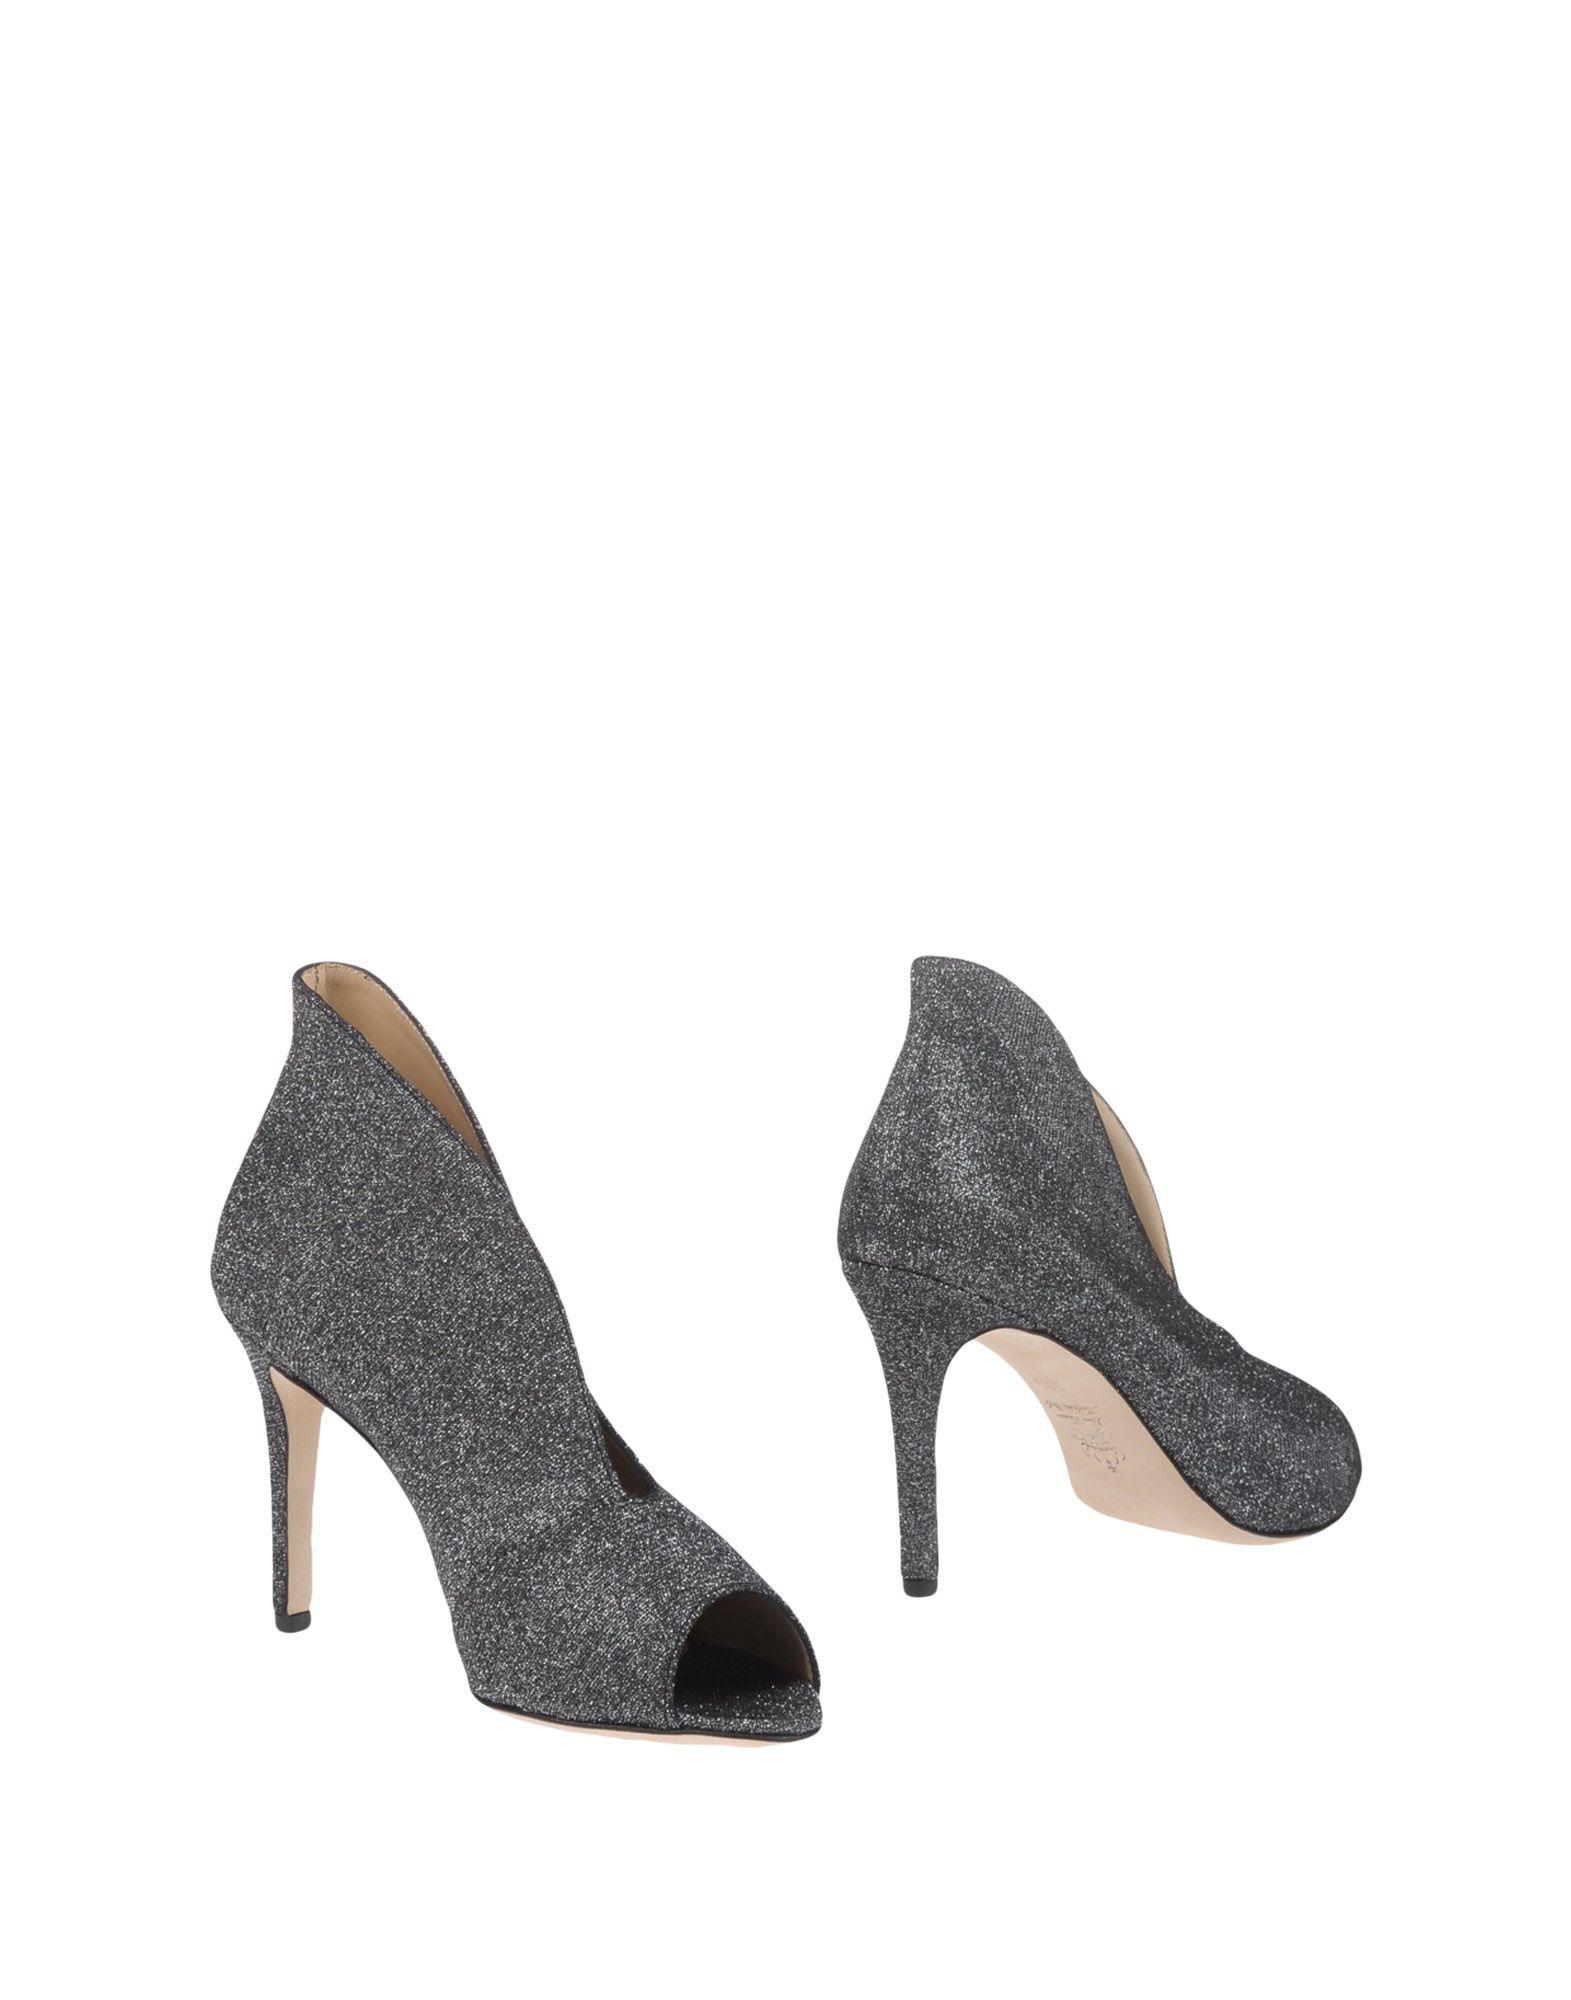 L'arianna Stiefelette Damen  11213911FU Schuhe Gute Qualität beliebte Schuhe 11213911FU 3b0348